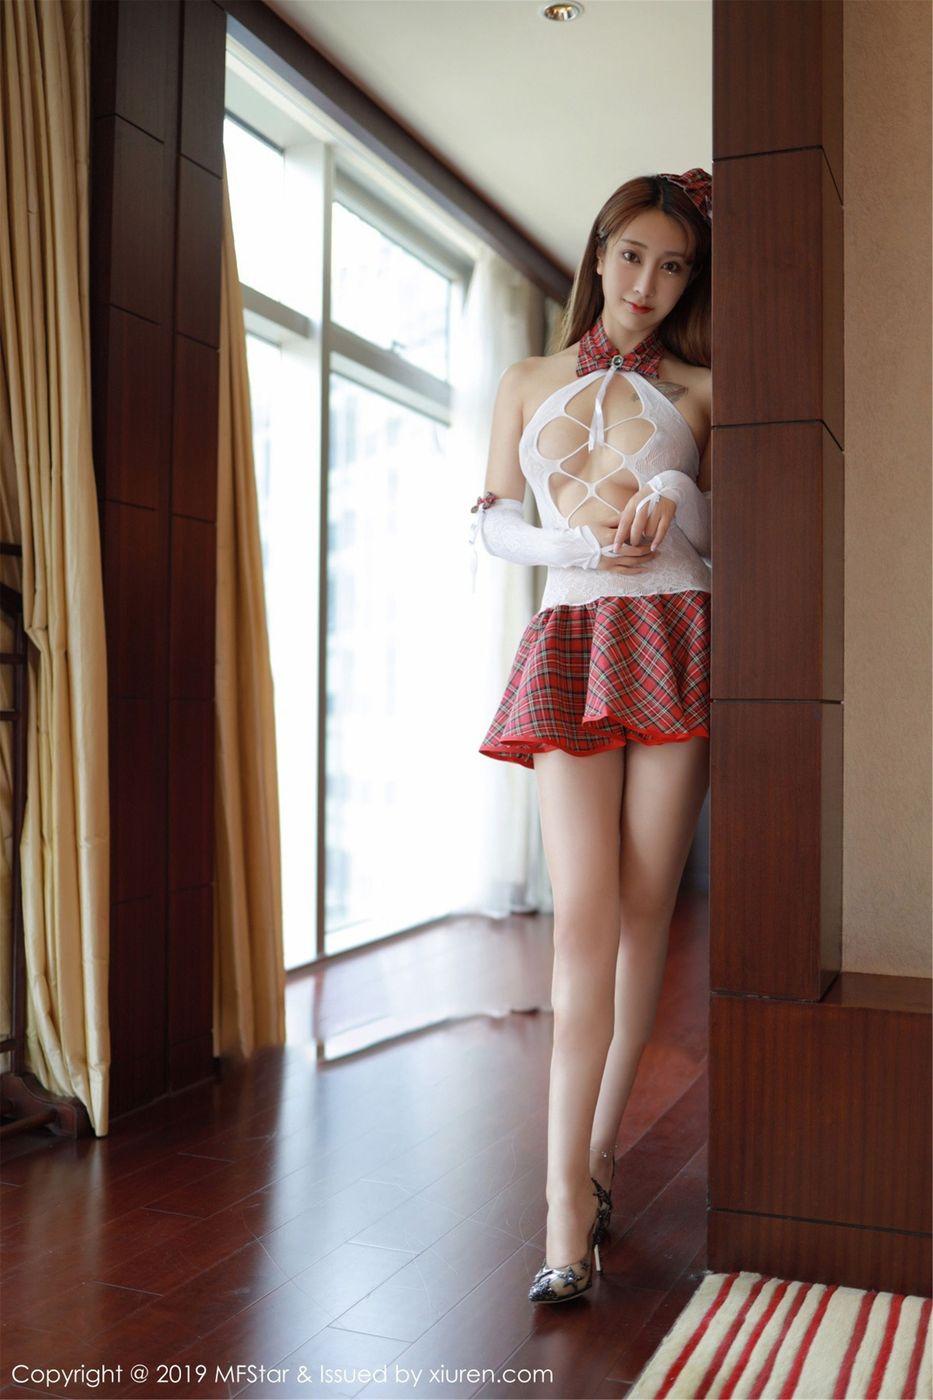 Vol.173 学生装超短裙校服美女内衣诱惑美女模特模范学院-林子欣完整私房照合集